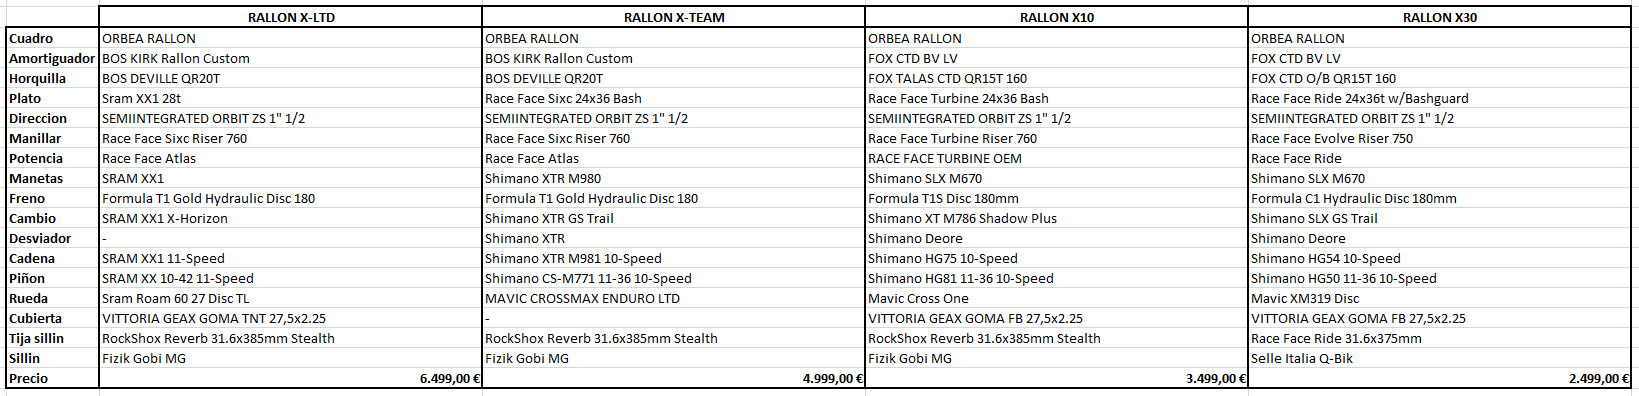 COMPARATIVA RALLON R4 2014